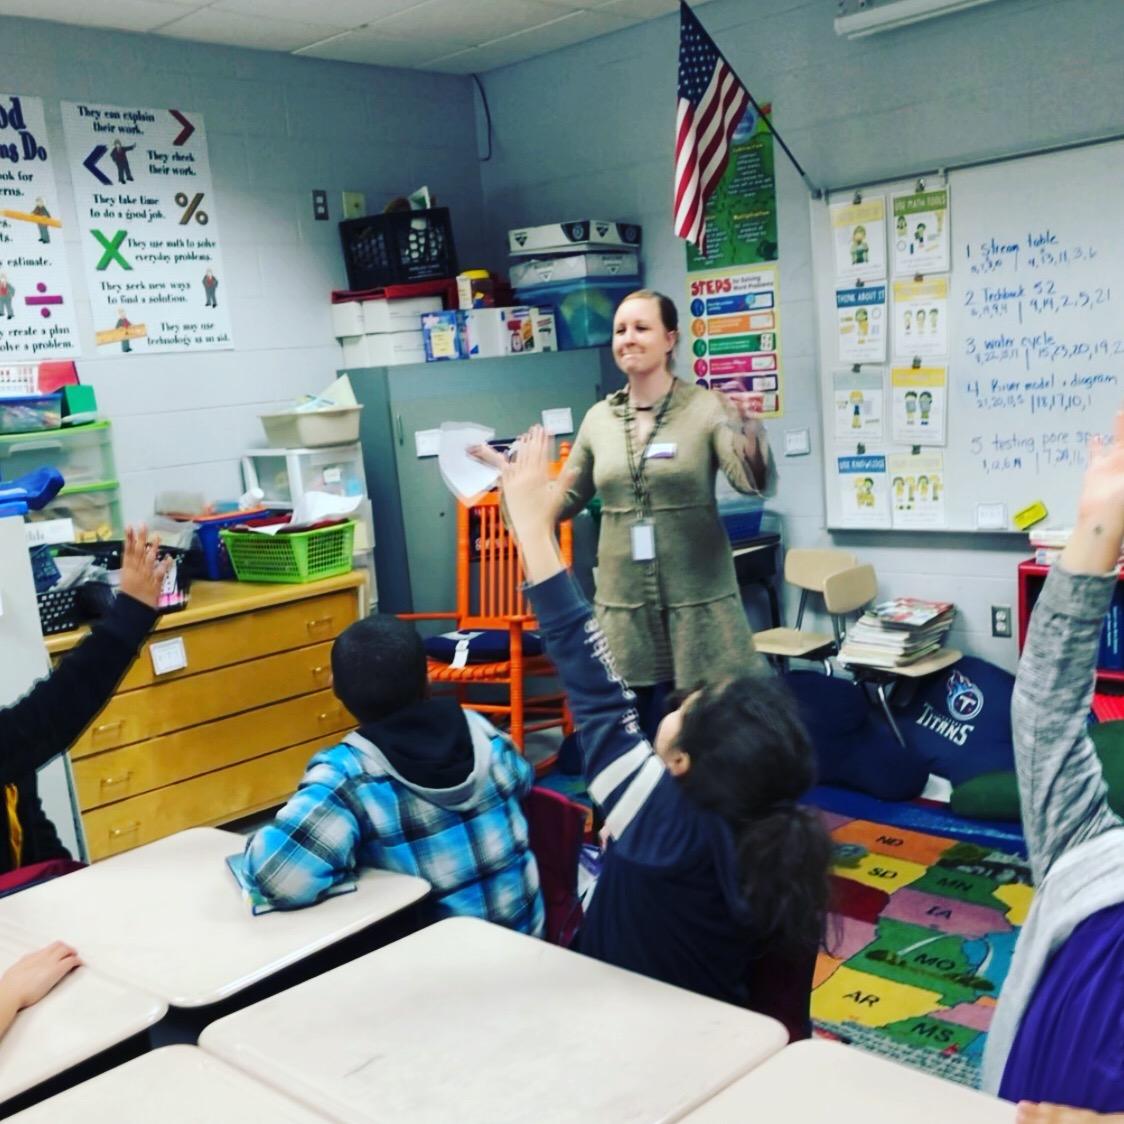 A teacher with a classroom full of children raising their hands